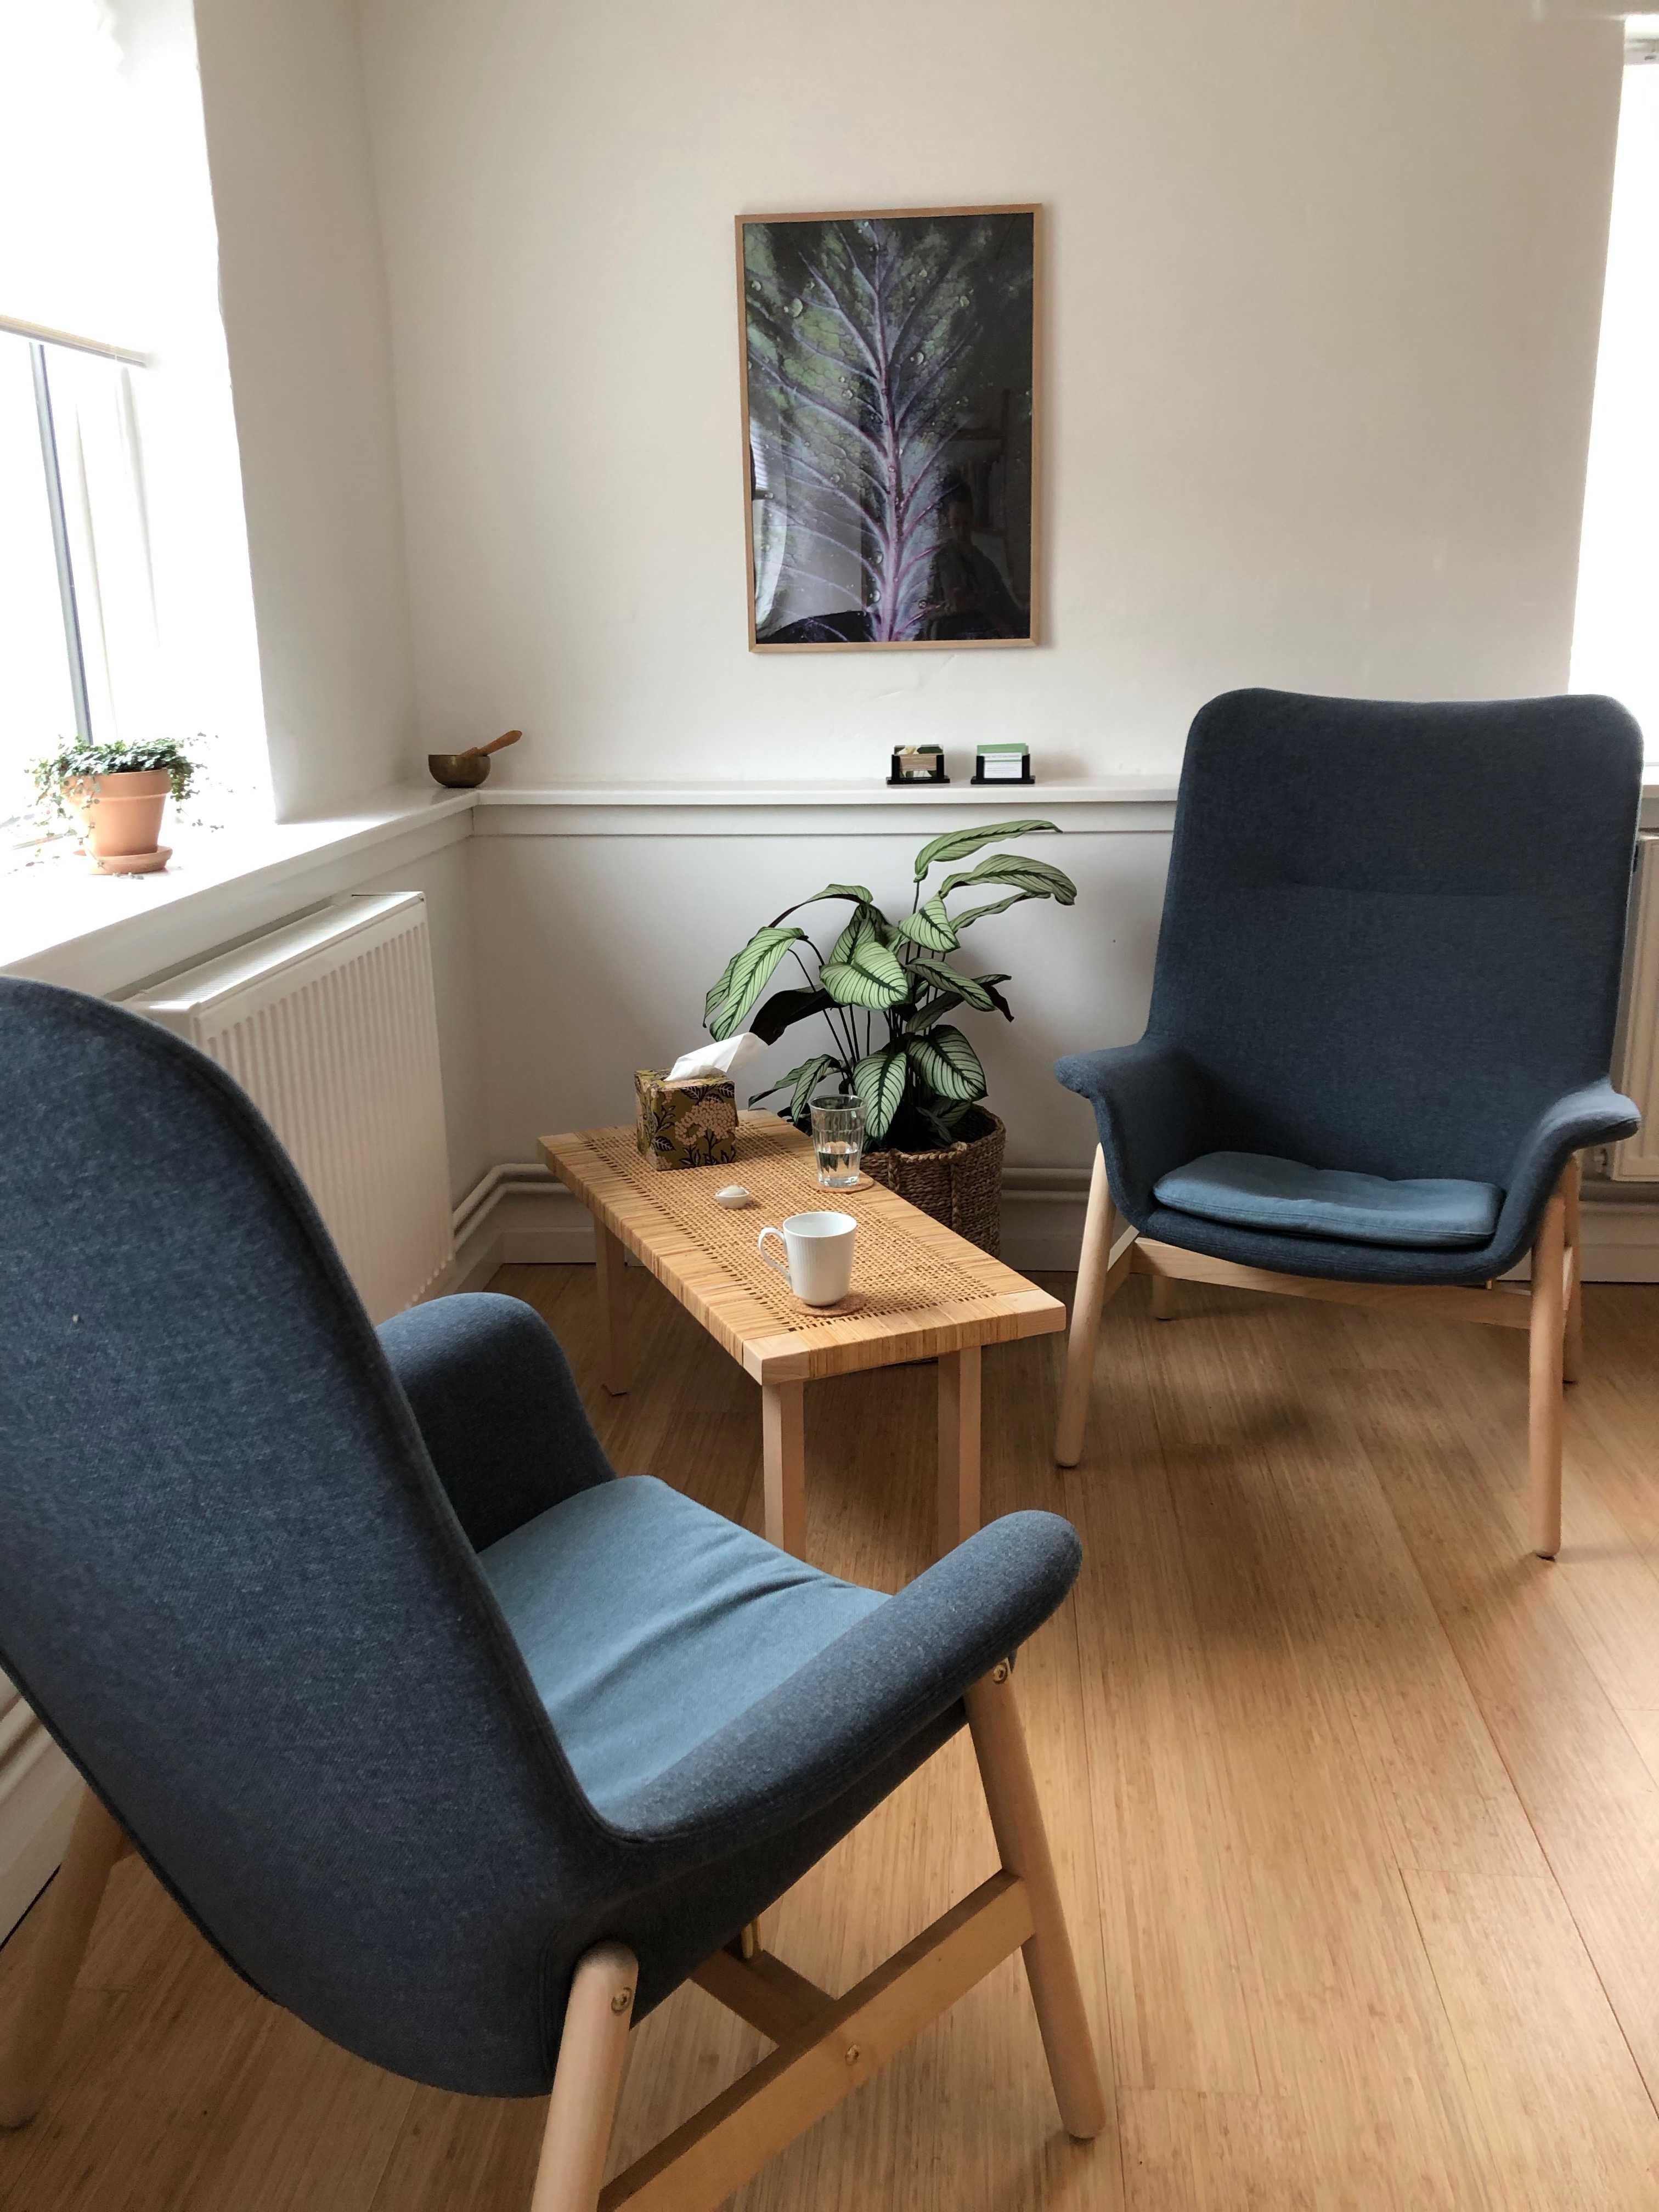 Psykologklinik i Odense